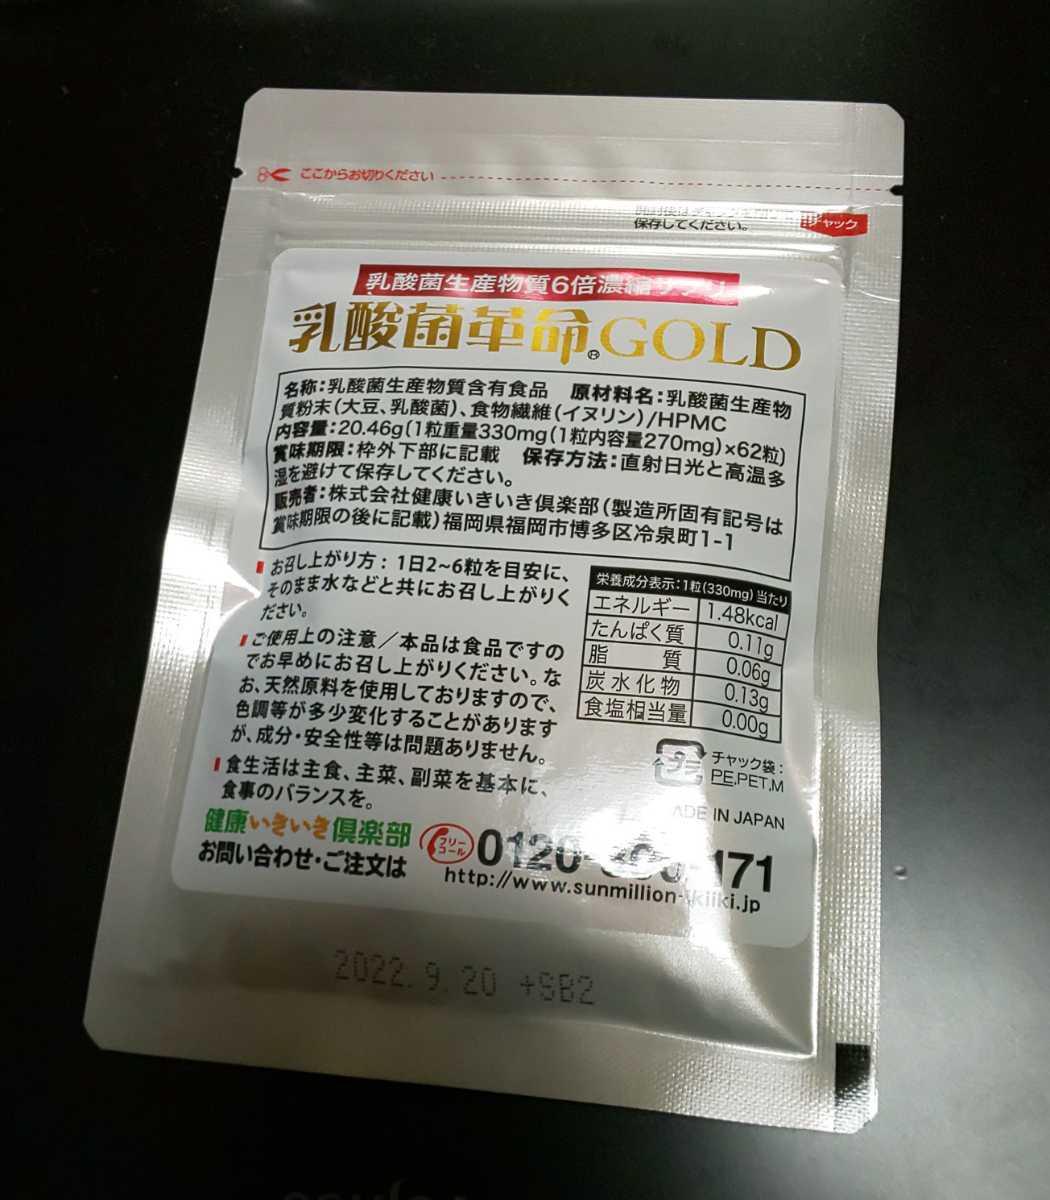 乳酸菌革命 GOLD 1袋62粒入り 新品未開封 送料無料☆_画像2